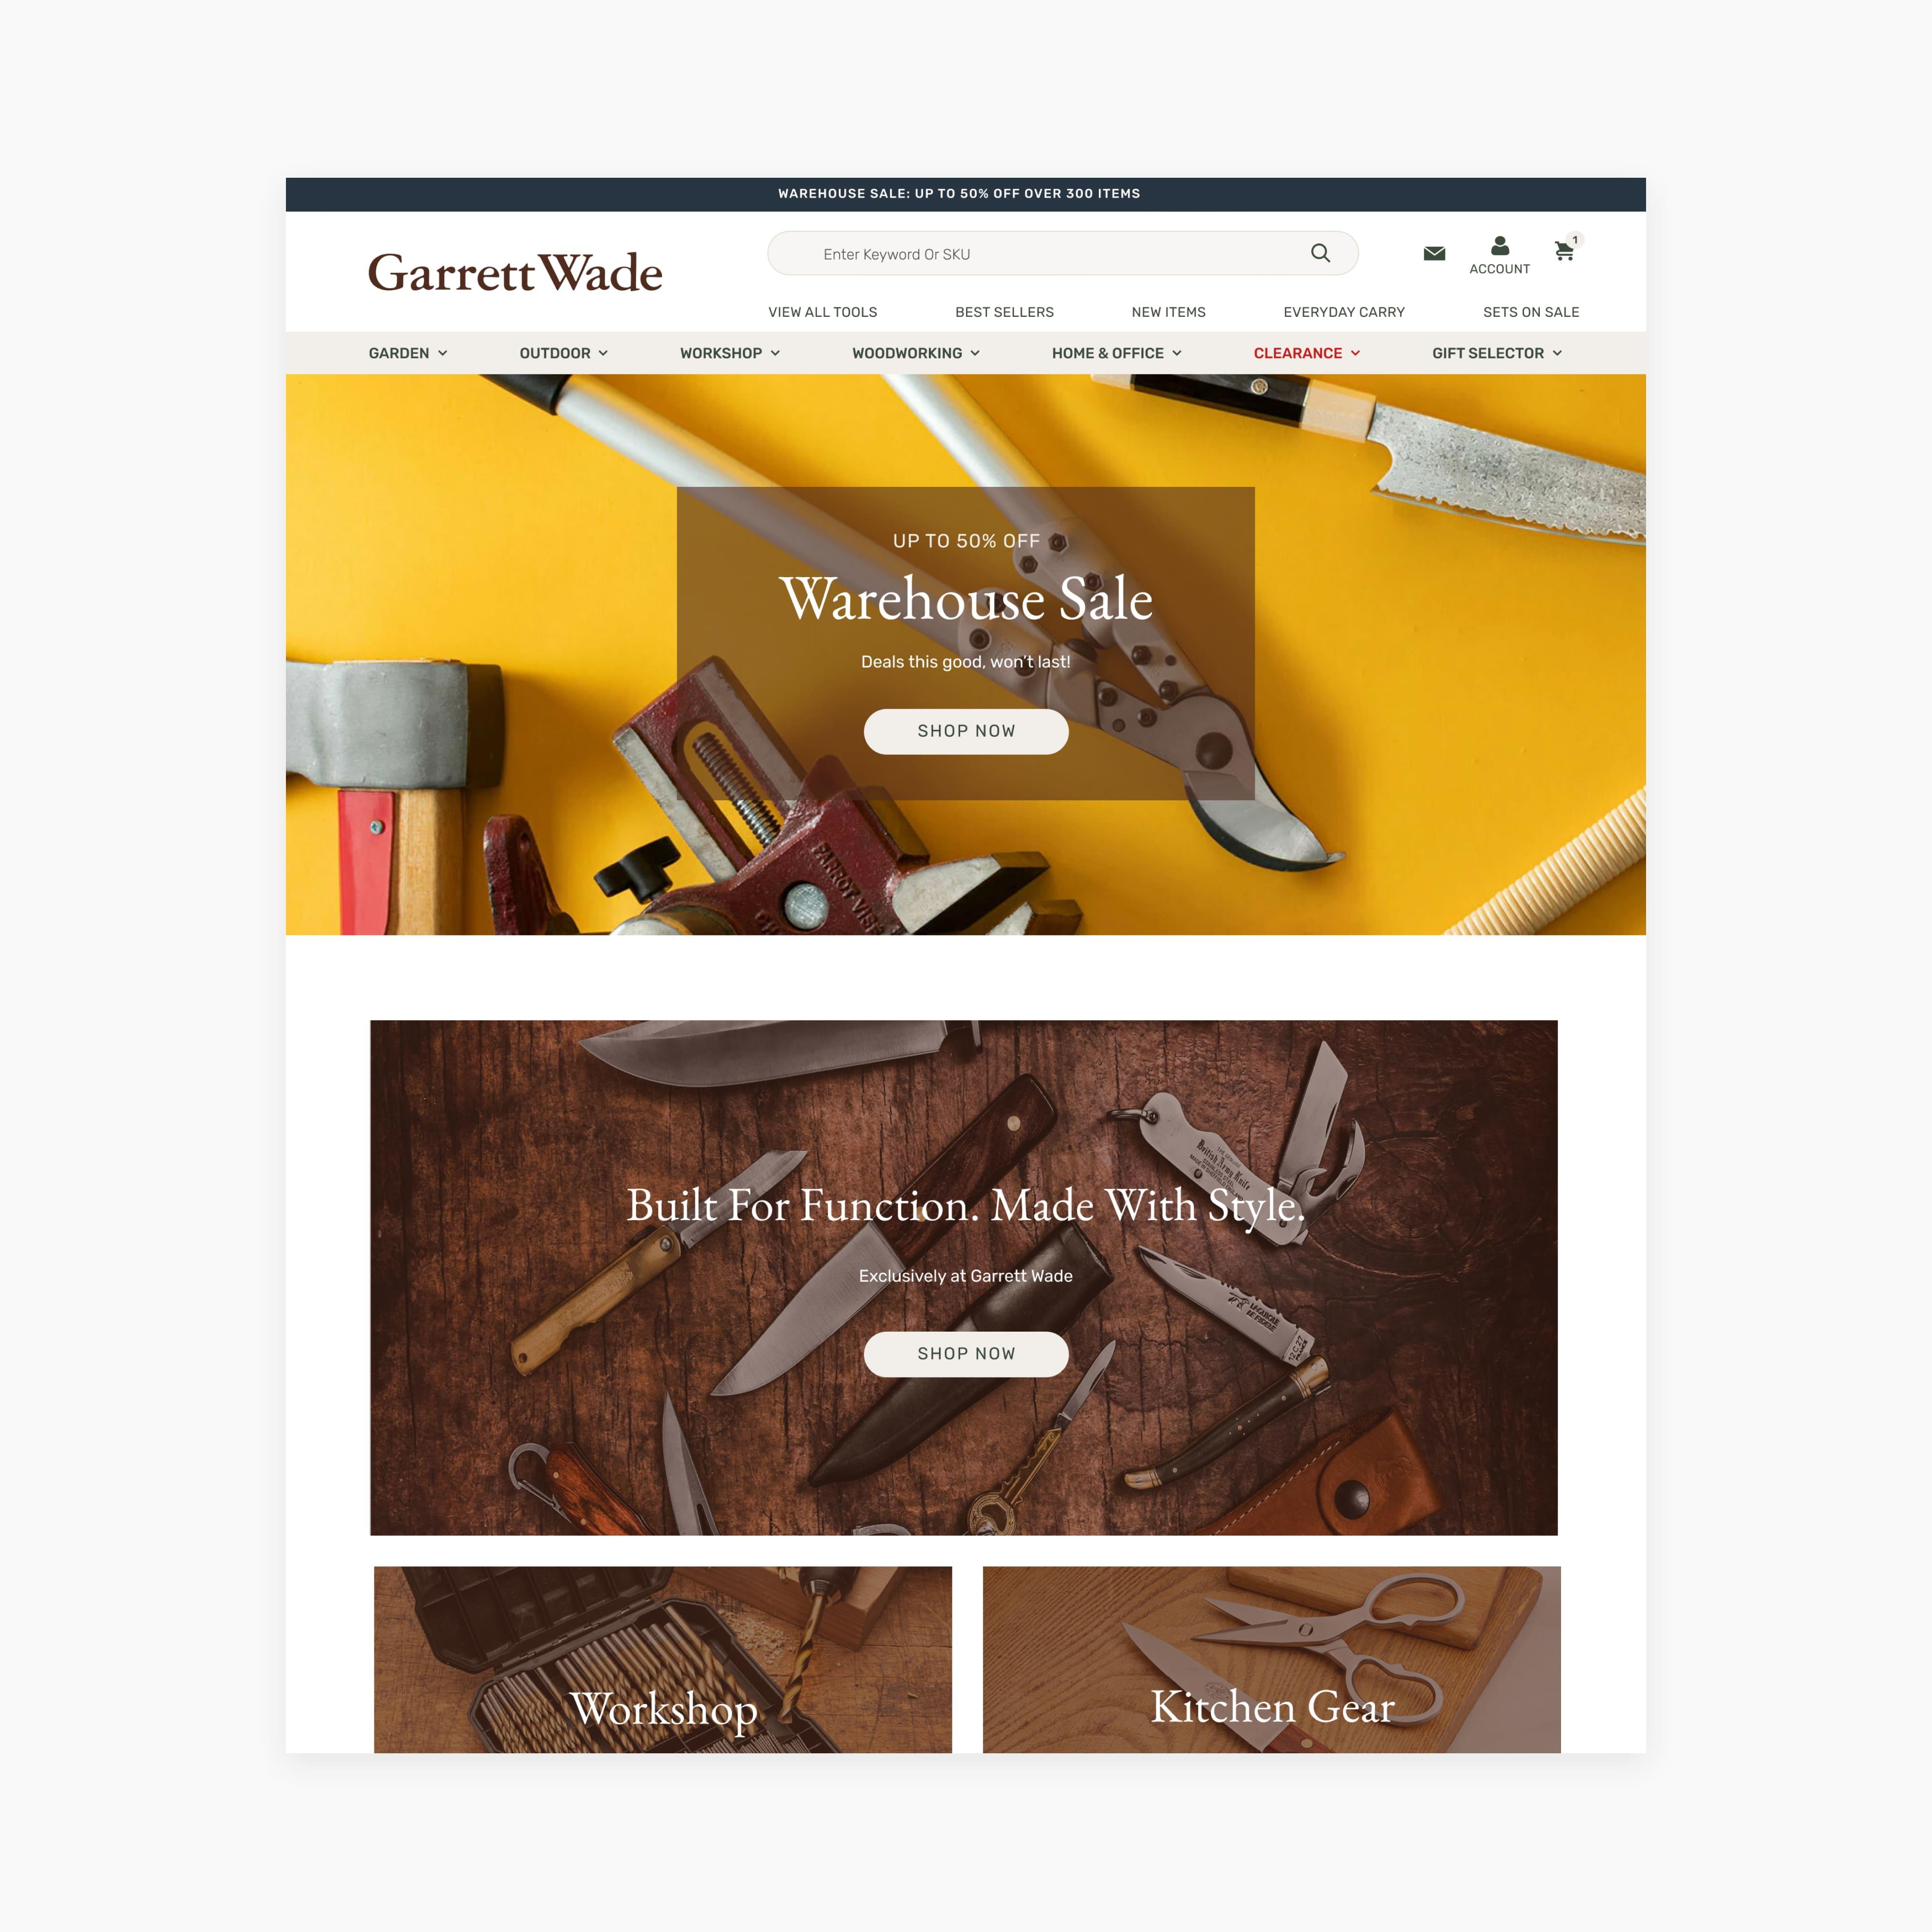 Garrett Wade's Homepage on BigCommerce